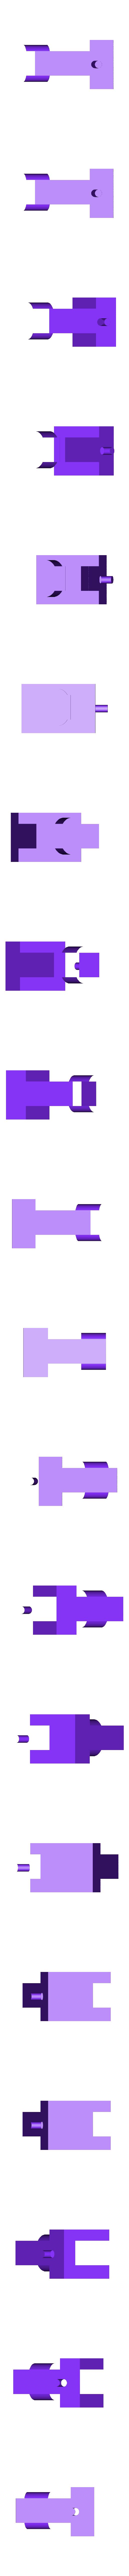 wallplanter_lock_.stl Télécharger fichier STL Moule hexagonal en béton pour jardinières murales v1 • Design à imprimer en 3D, haya_farm